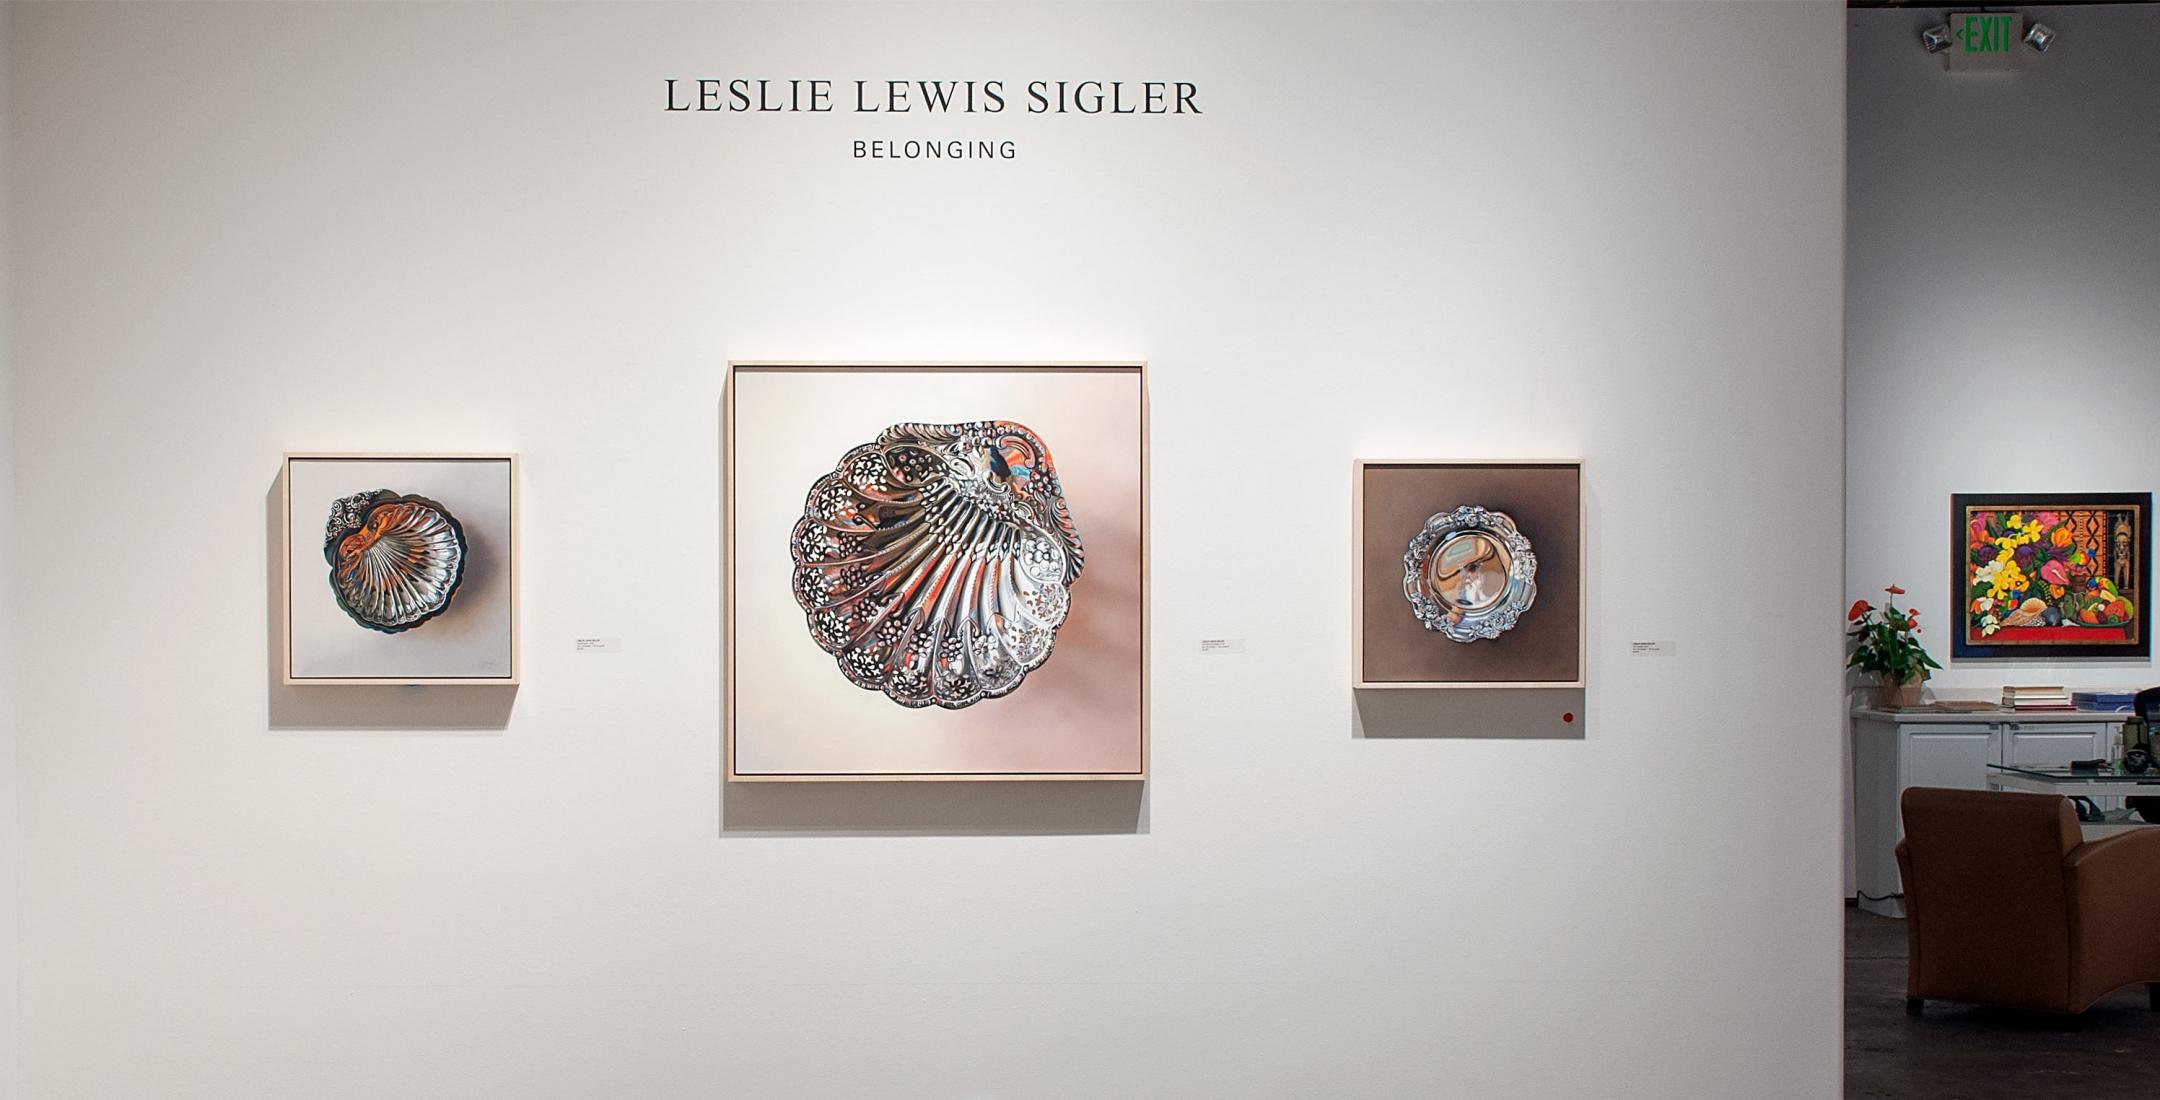 LESLIE LEWIS SIGLER: BELONGING INSTALLATION PHOTOGRAPH